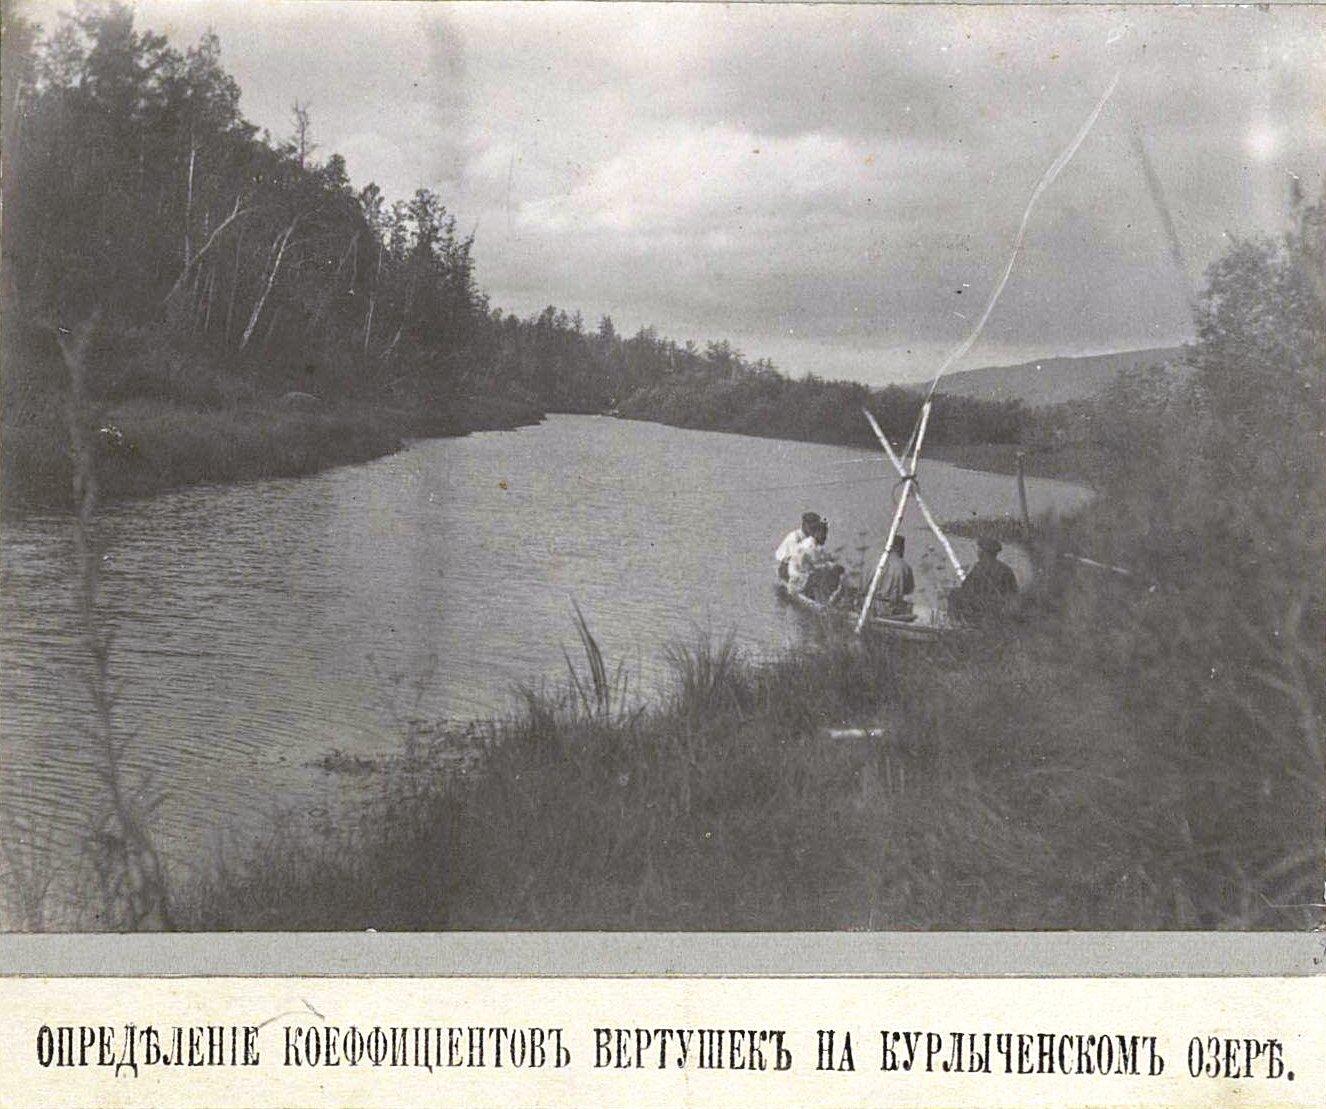 Определение коэффициентов вертушек на Курлыченском озере